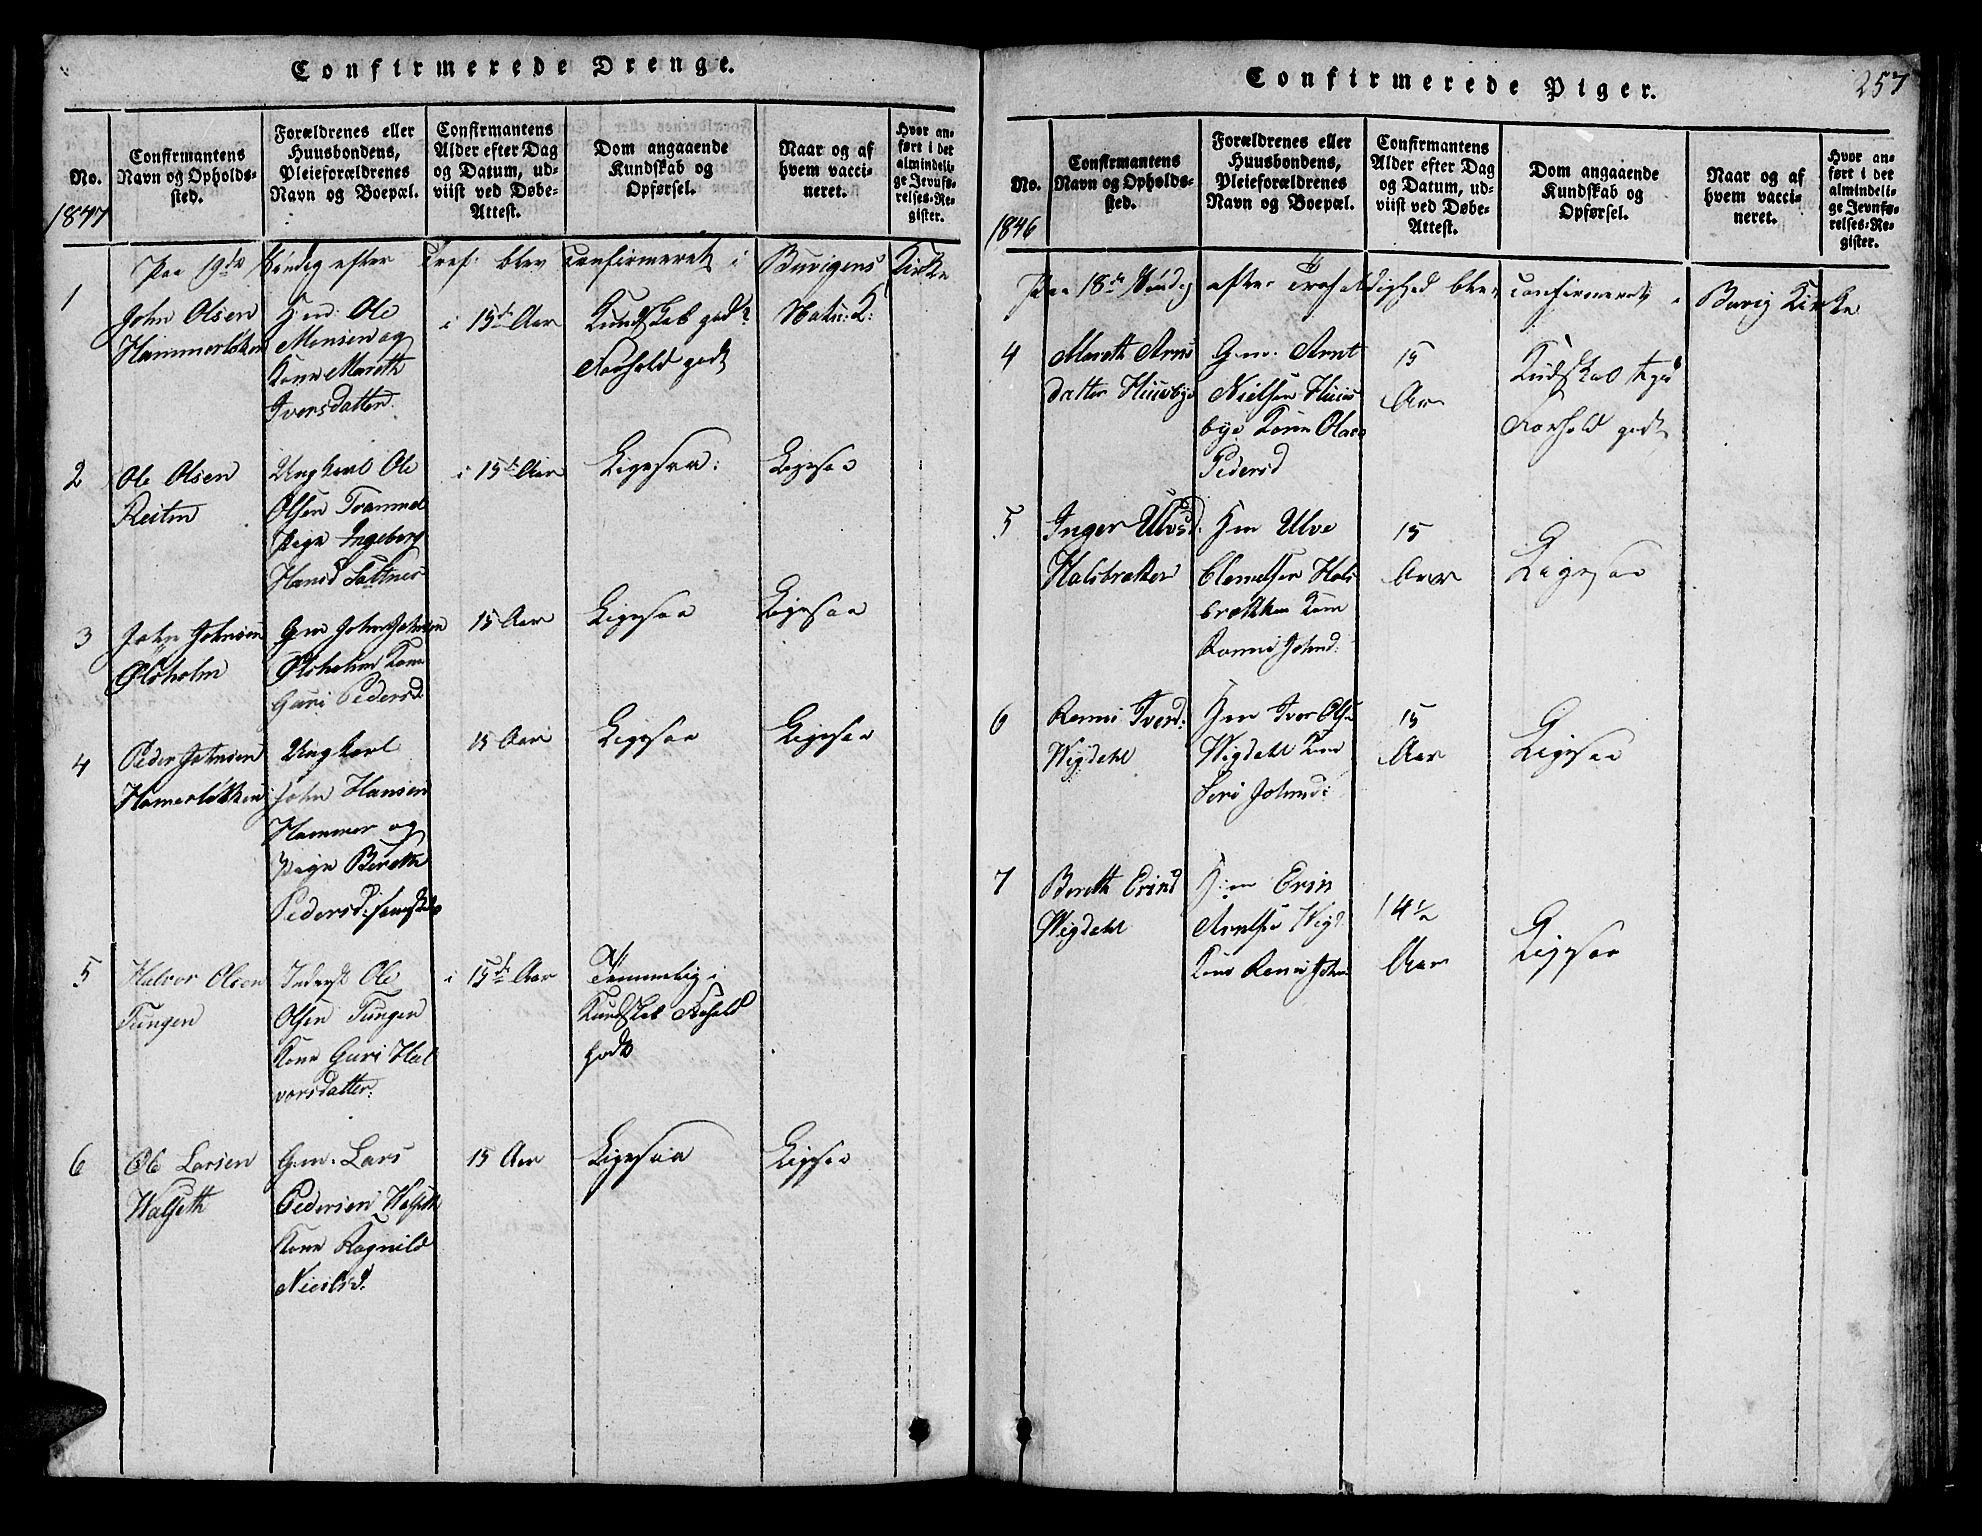 SAT, Ministerialprotokoller, klokkerbøker og fødselsregistre - Sør-Trøndelag, 666/L0788: Klokkerbok nr. 666C01, 1816-1847, s. 257